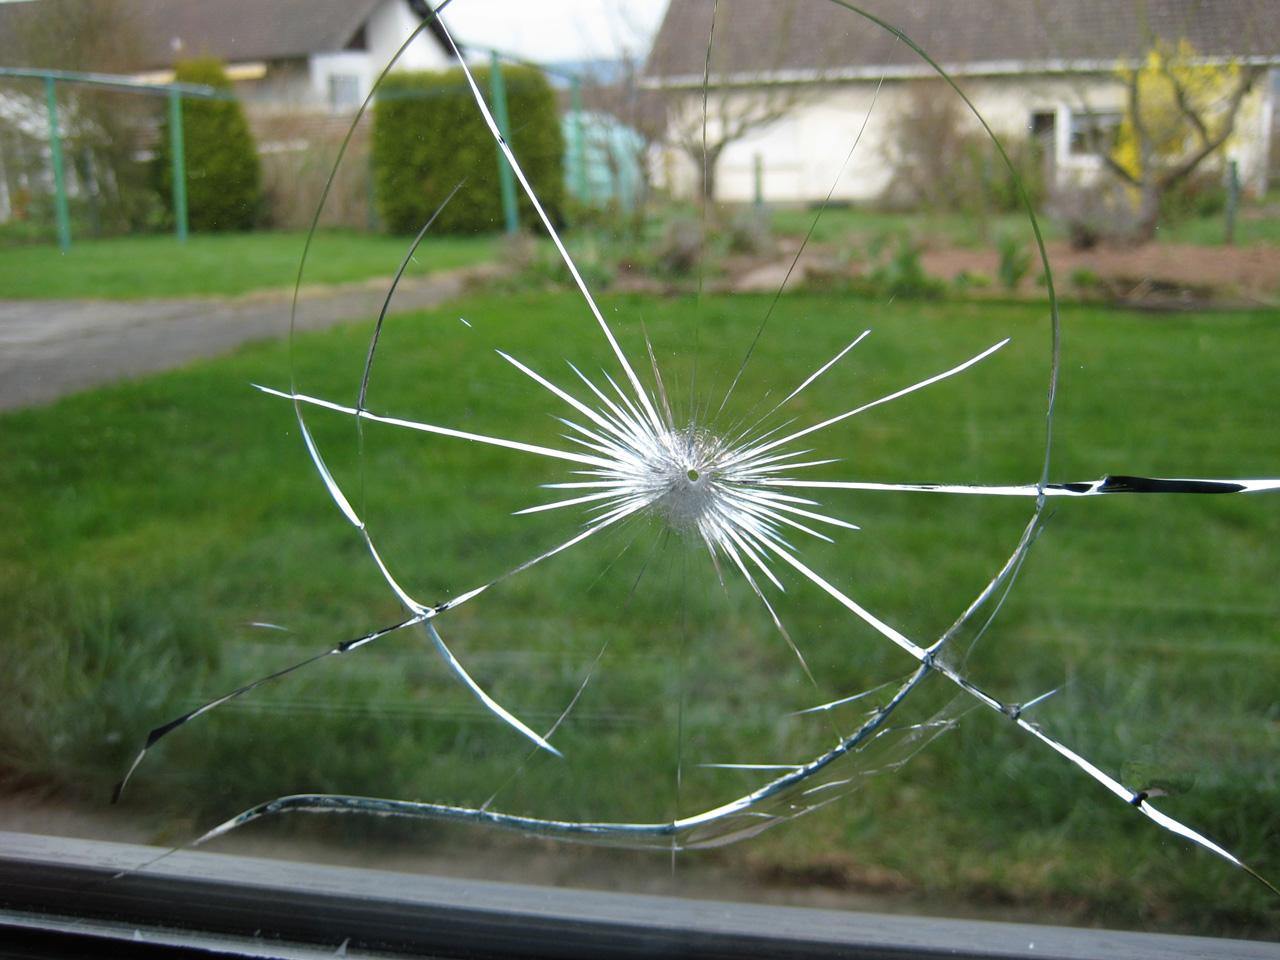 Einschuss in Fensterscheibe??? - Offtopic - Meisterschützen